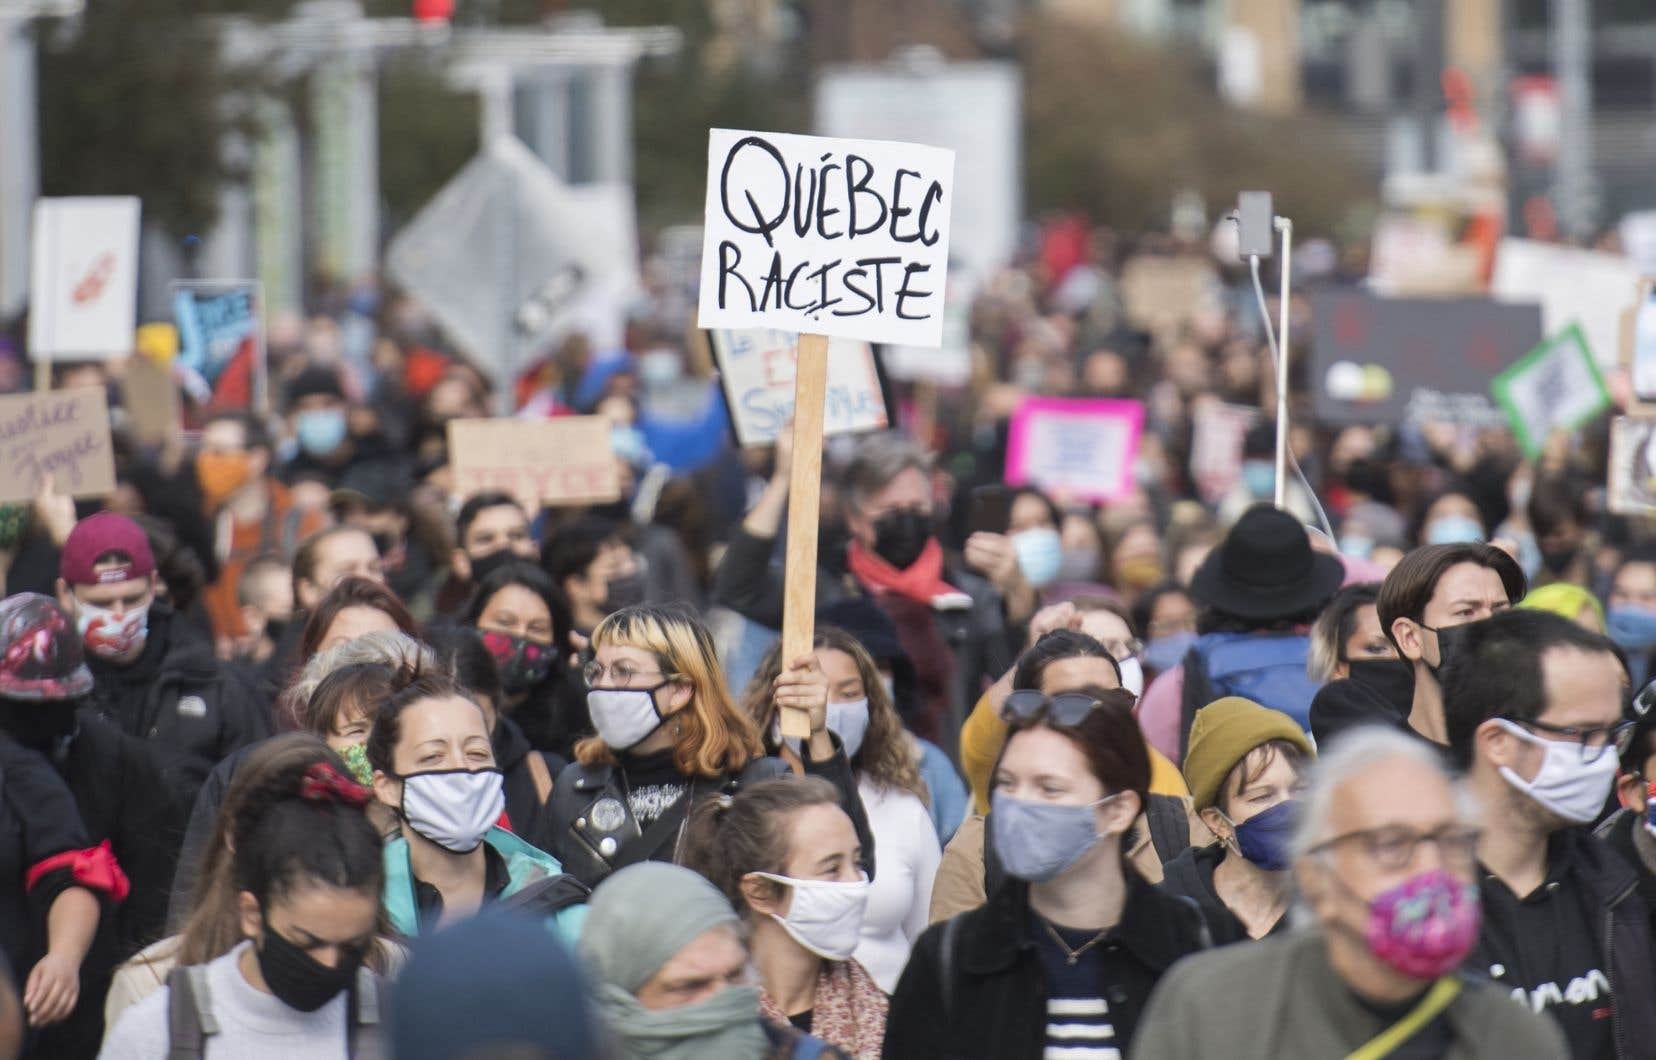 Le Québec n'est pas particulièrement raciste; il l'est comme tous les pays du monde. Tout comme il était aussi sexiste que les autres pays jusqu'à ce qu'il reconnaisse formellement en 1996 le caractère systémique de la discrimination à l'égard des femmes.